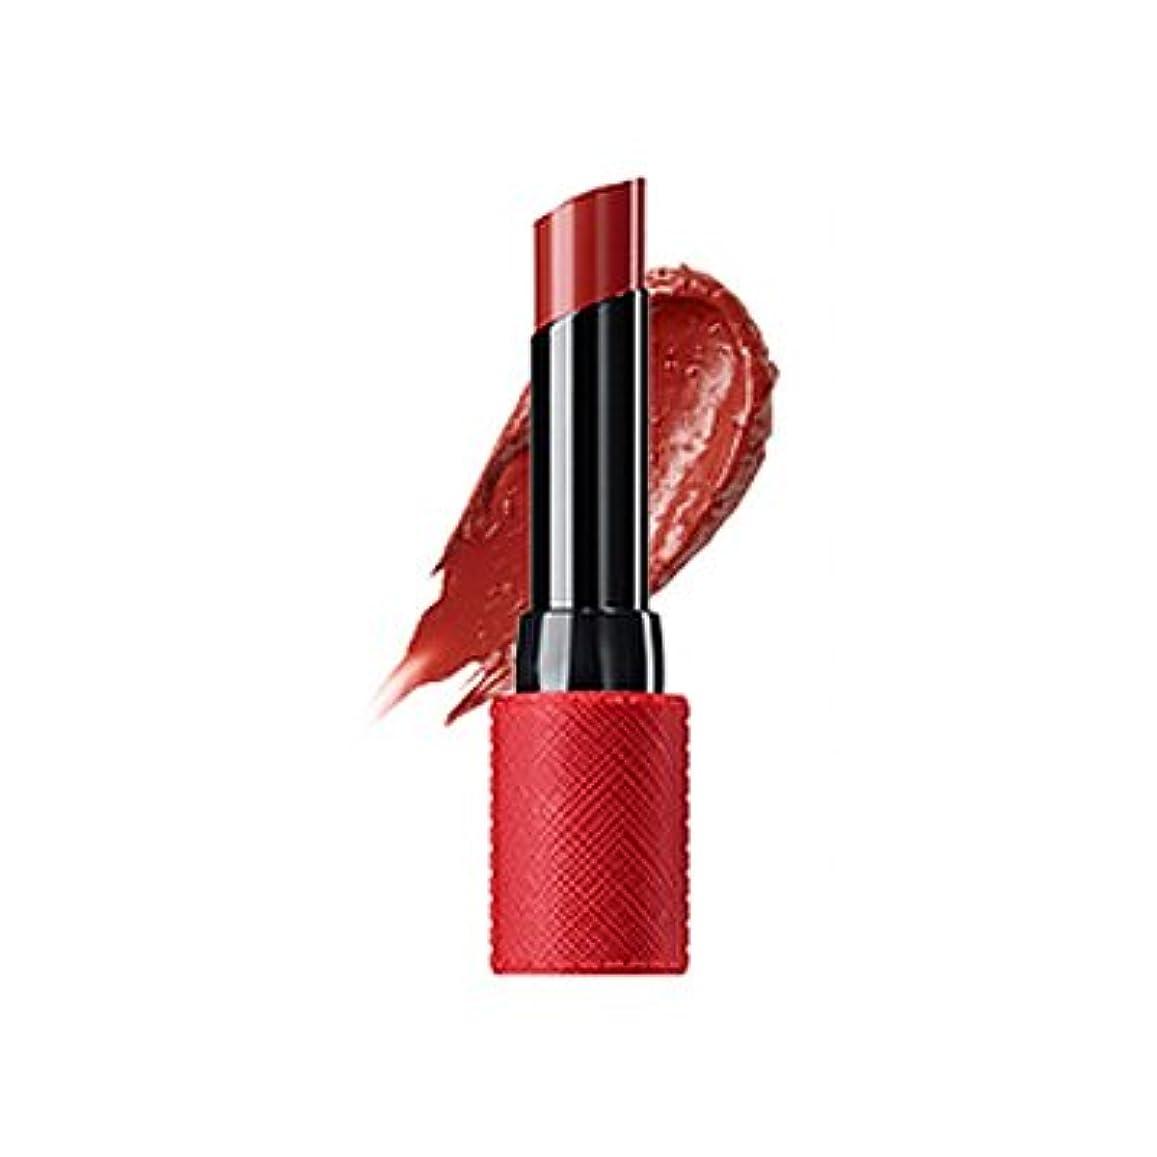 協会虚栄心専門知識【The Saem】ザセム キスホリック リップスティック S レッドブリック/Kissholic Lipstick S Red Brick / RD06